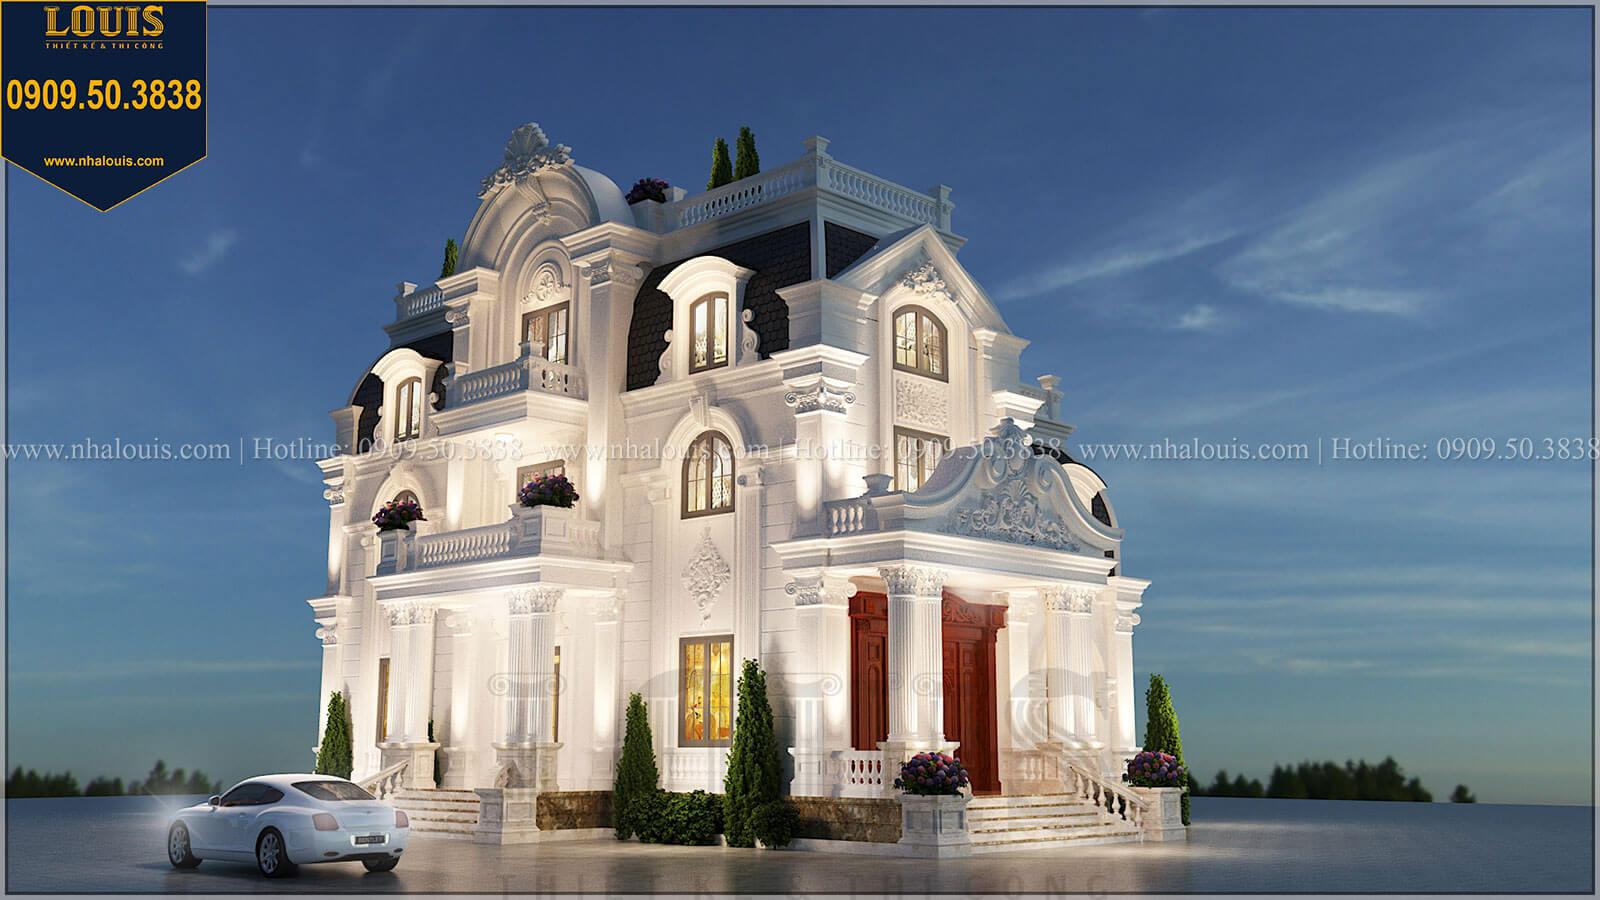 Biệt thự 4 tầng tân cổ điển đẹp lộng lẫy tại Nha Trang - 02